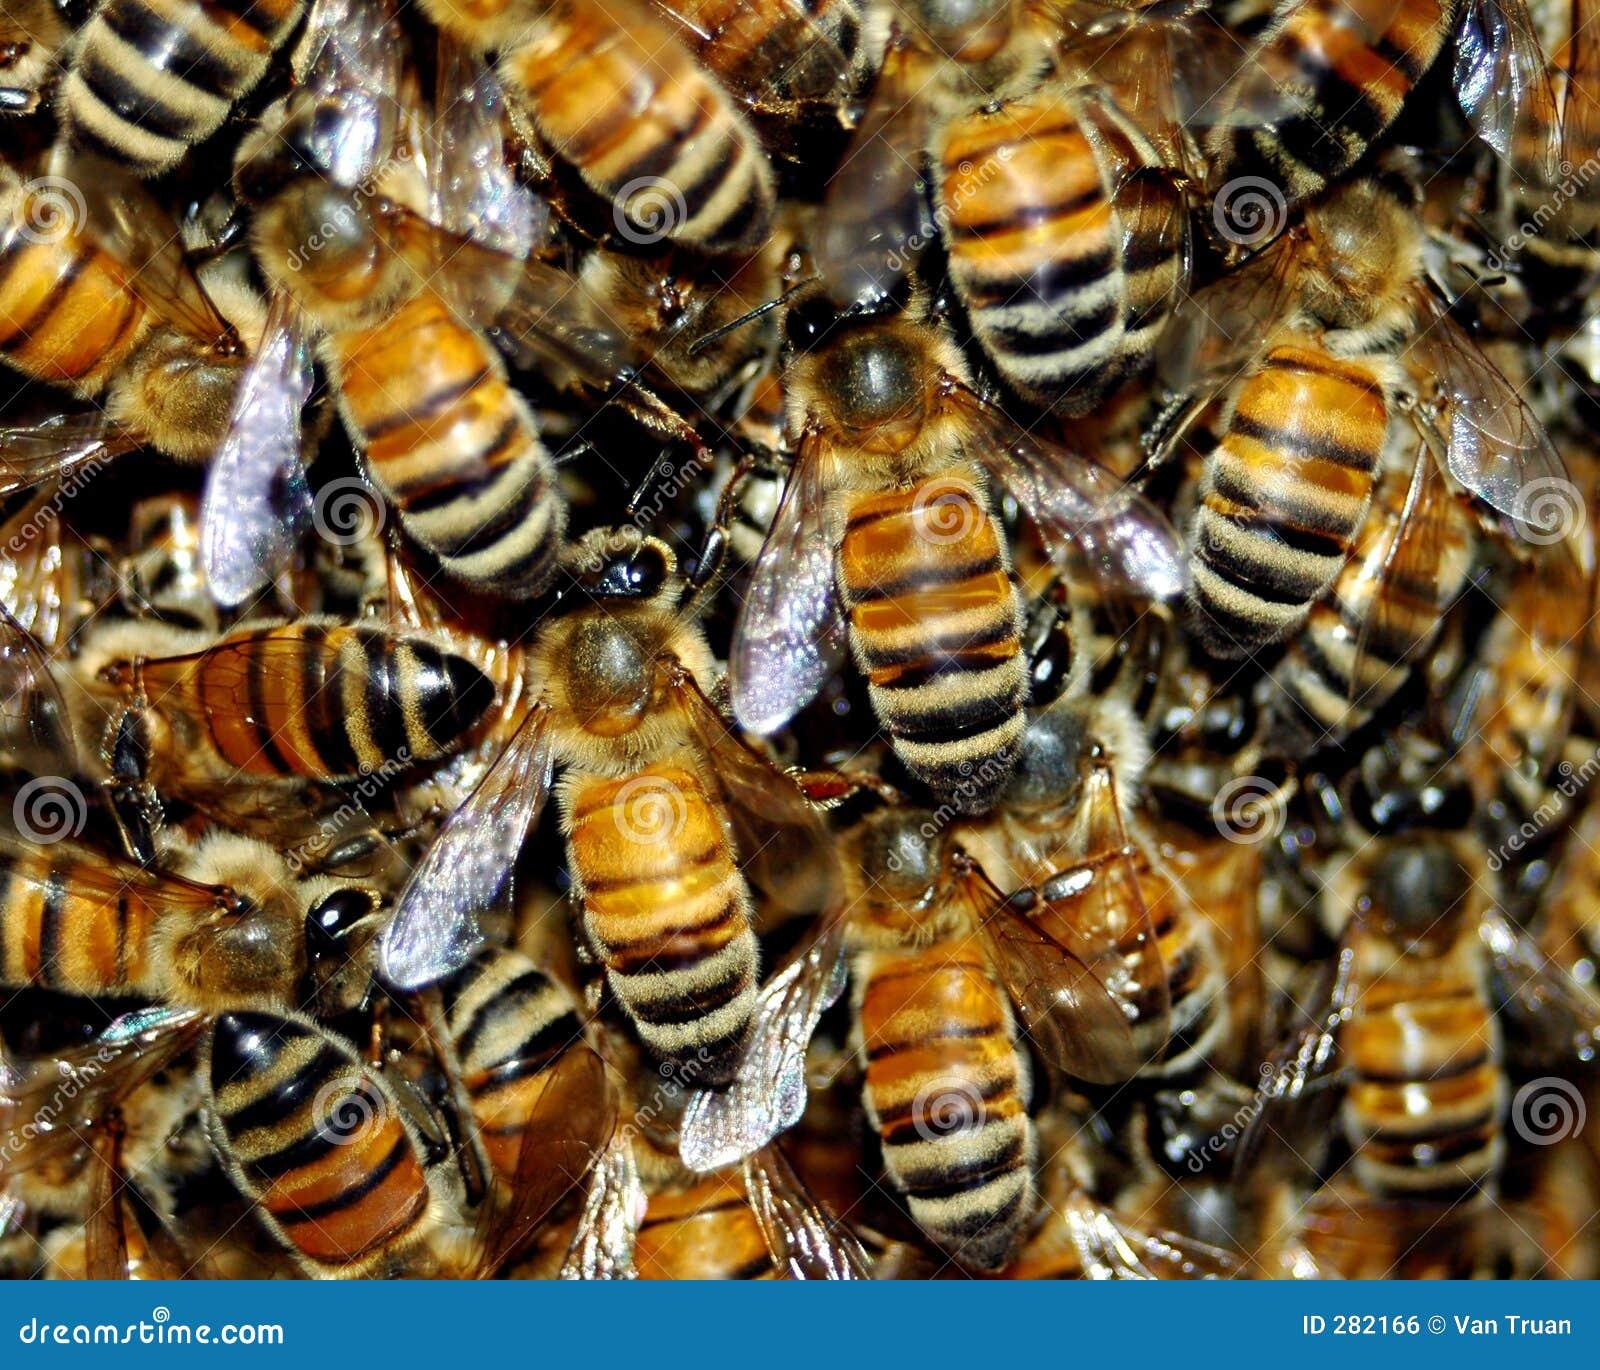 Honey Bee Swarm